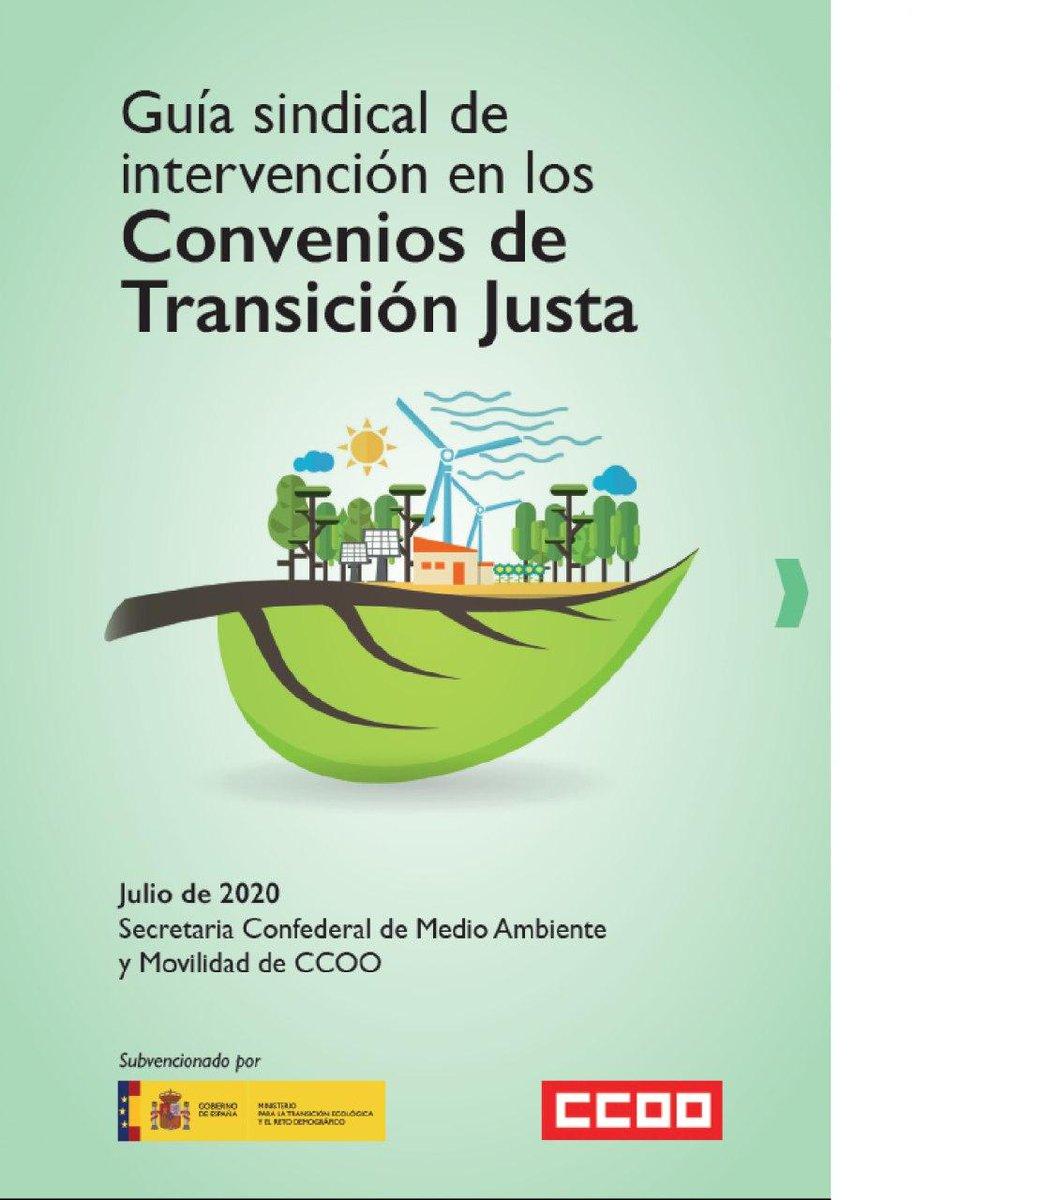 """El sindicato edita una """"Guía Sindical de intervención en los Convenios de Transición Justa"""" https://t.co/m4WRgjV2mj  Descargar guia https://t.co/SUdc5UQSAV https://t.co/BINmeQZLS7 #ecologismo #residuos #economiacircular #empleoverde #Mediombiente #clima https://t.co/UG0xD7k93o"""